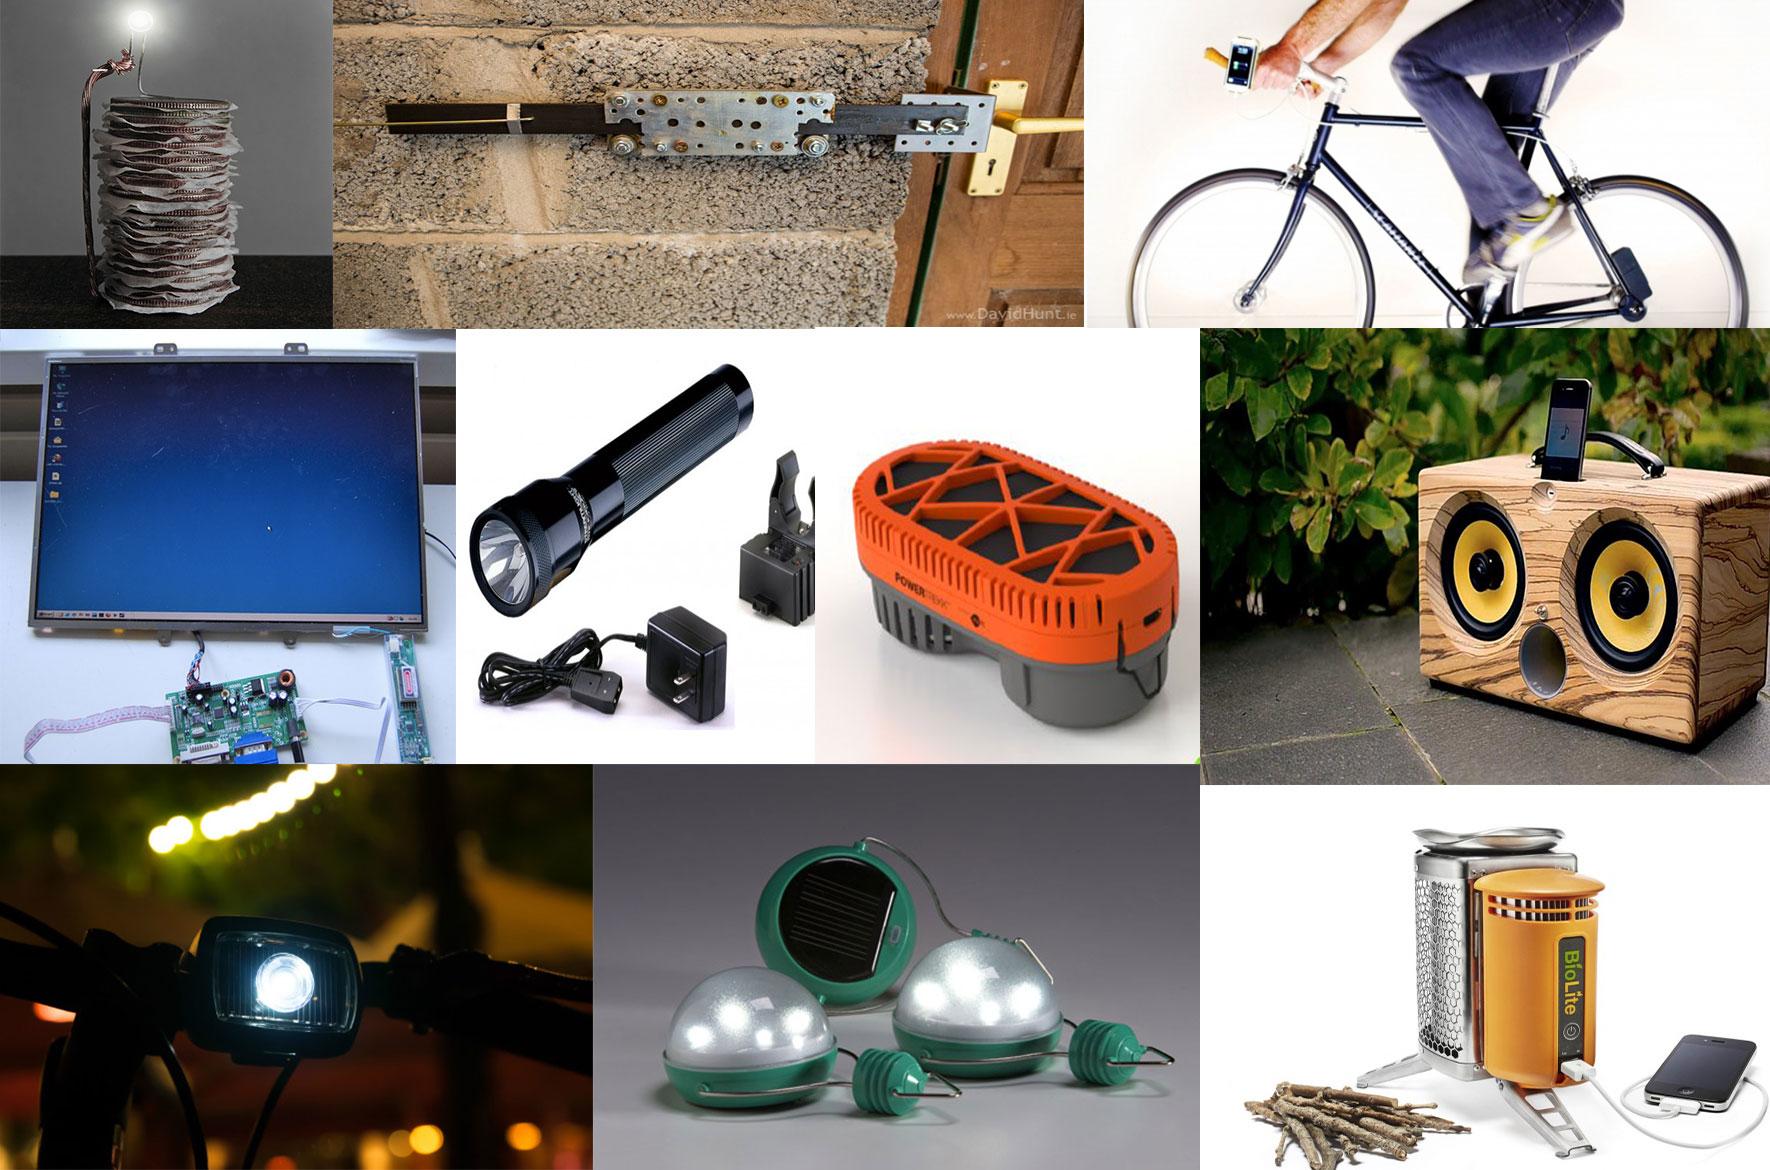 DIY-gadgets